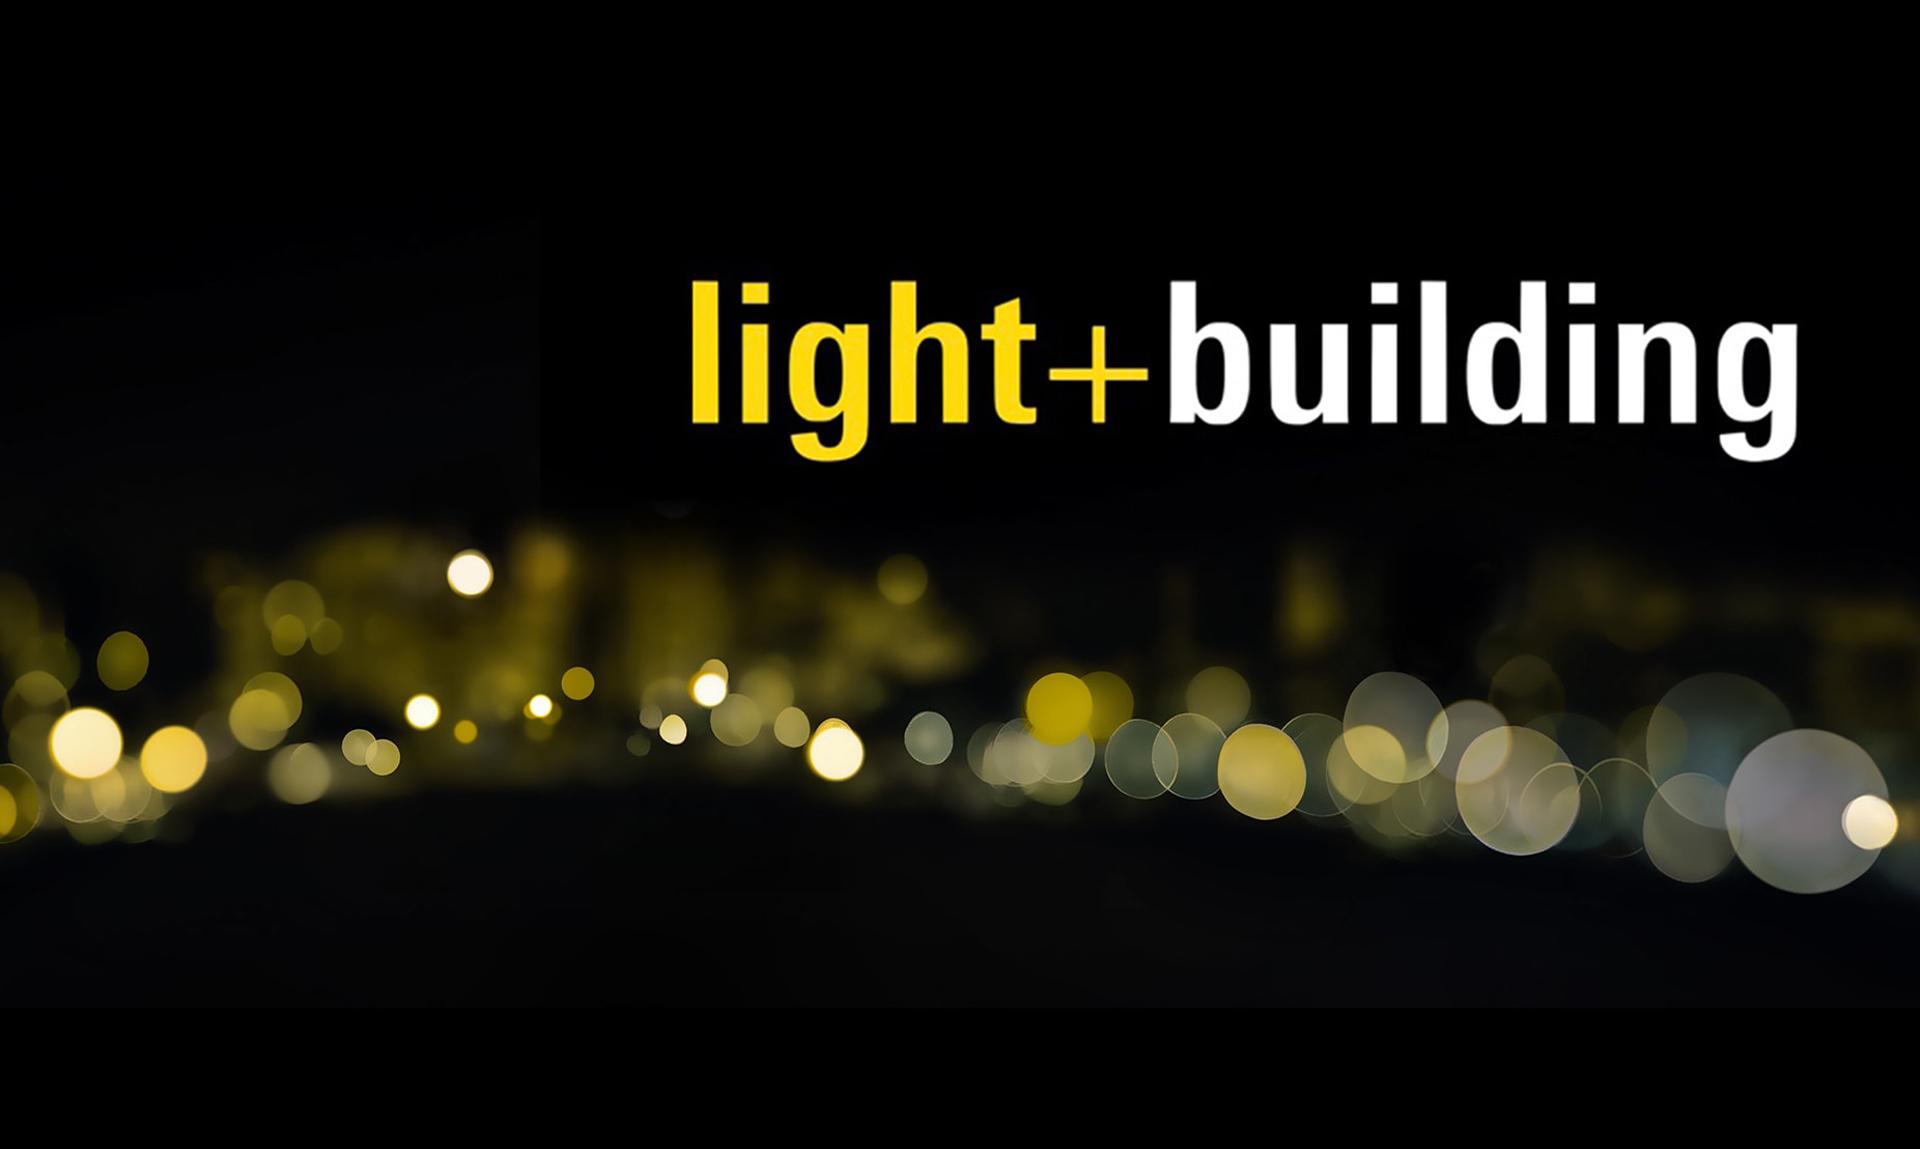 lighting-building-banner.jpg